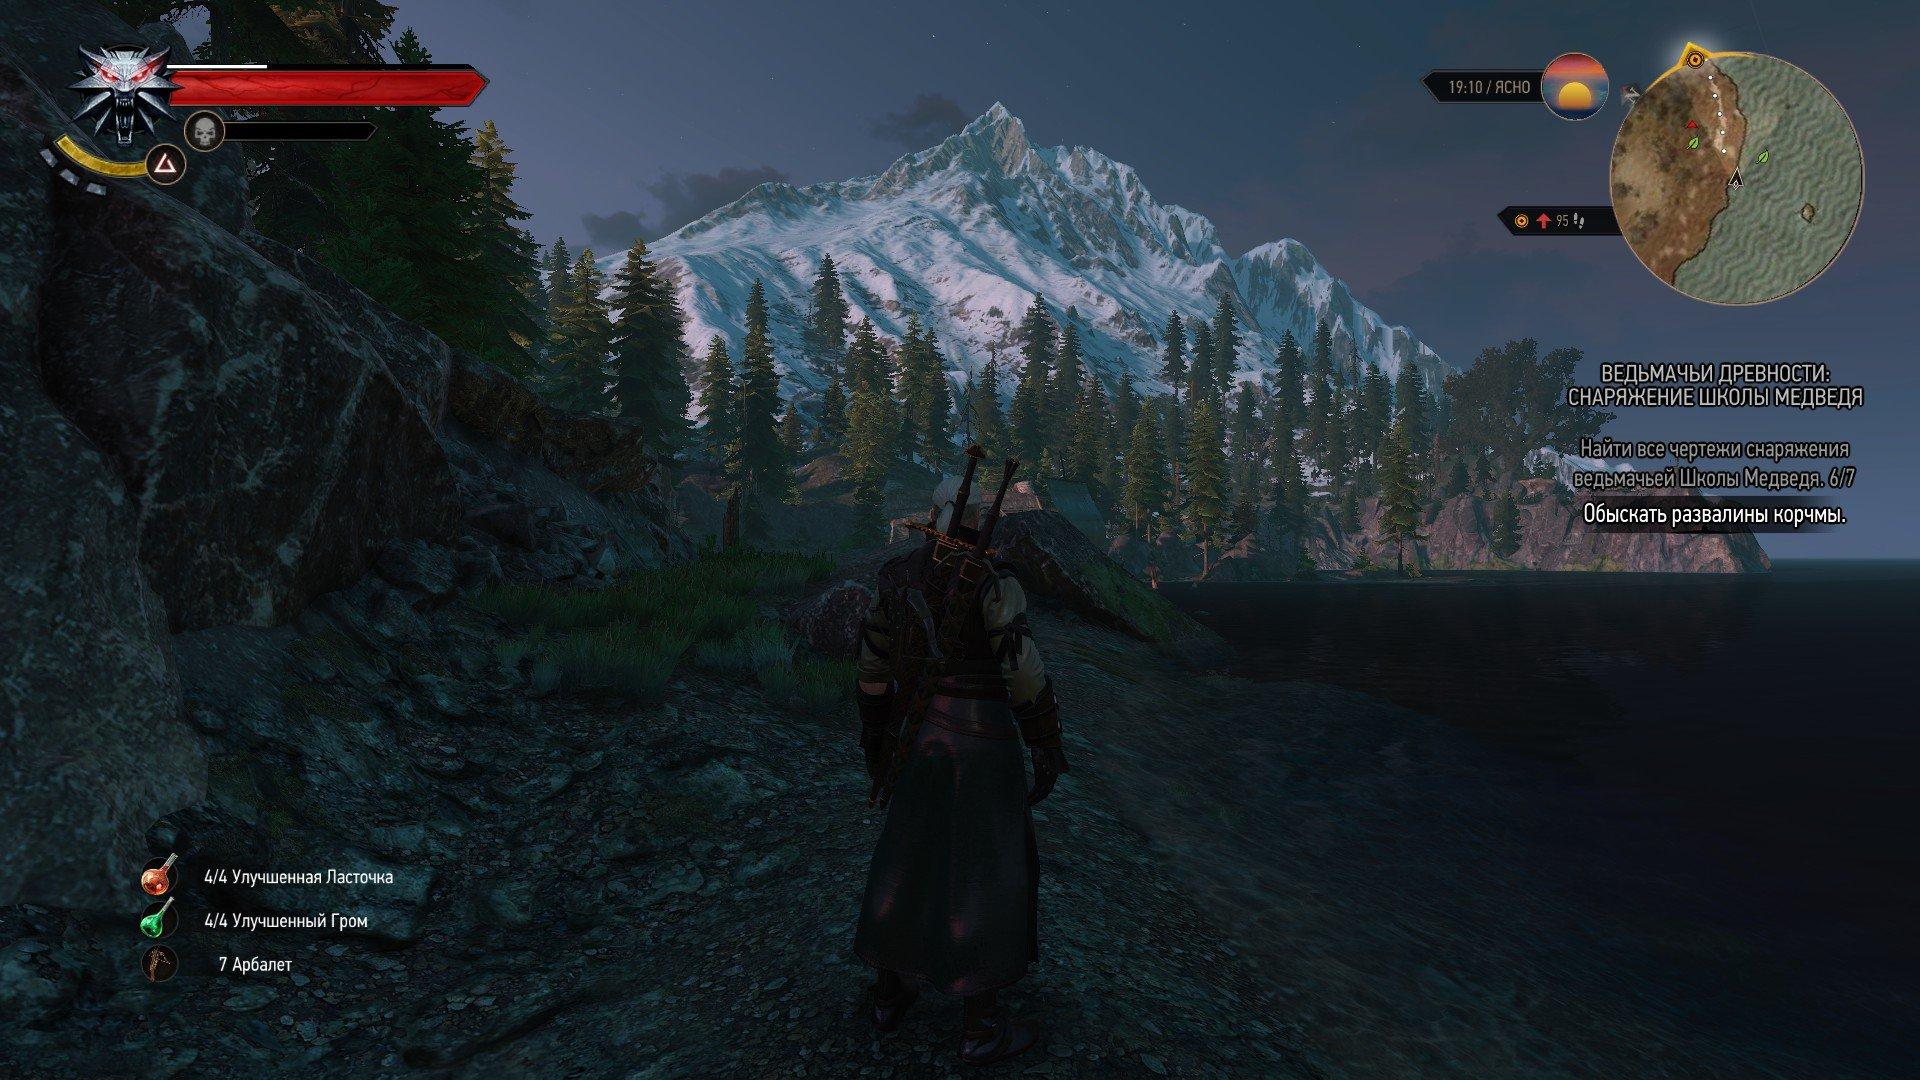 The Witcher 3: Wild Hunt. Подробности патча 1.08.   Патч 1.08 должен подготовить игру к выходу 16-го длс, улучшить о .... - Изображение 6